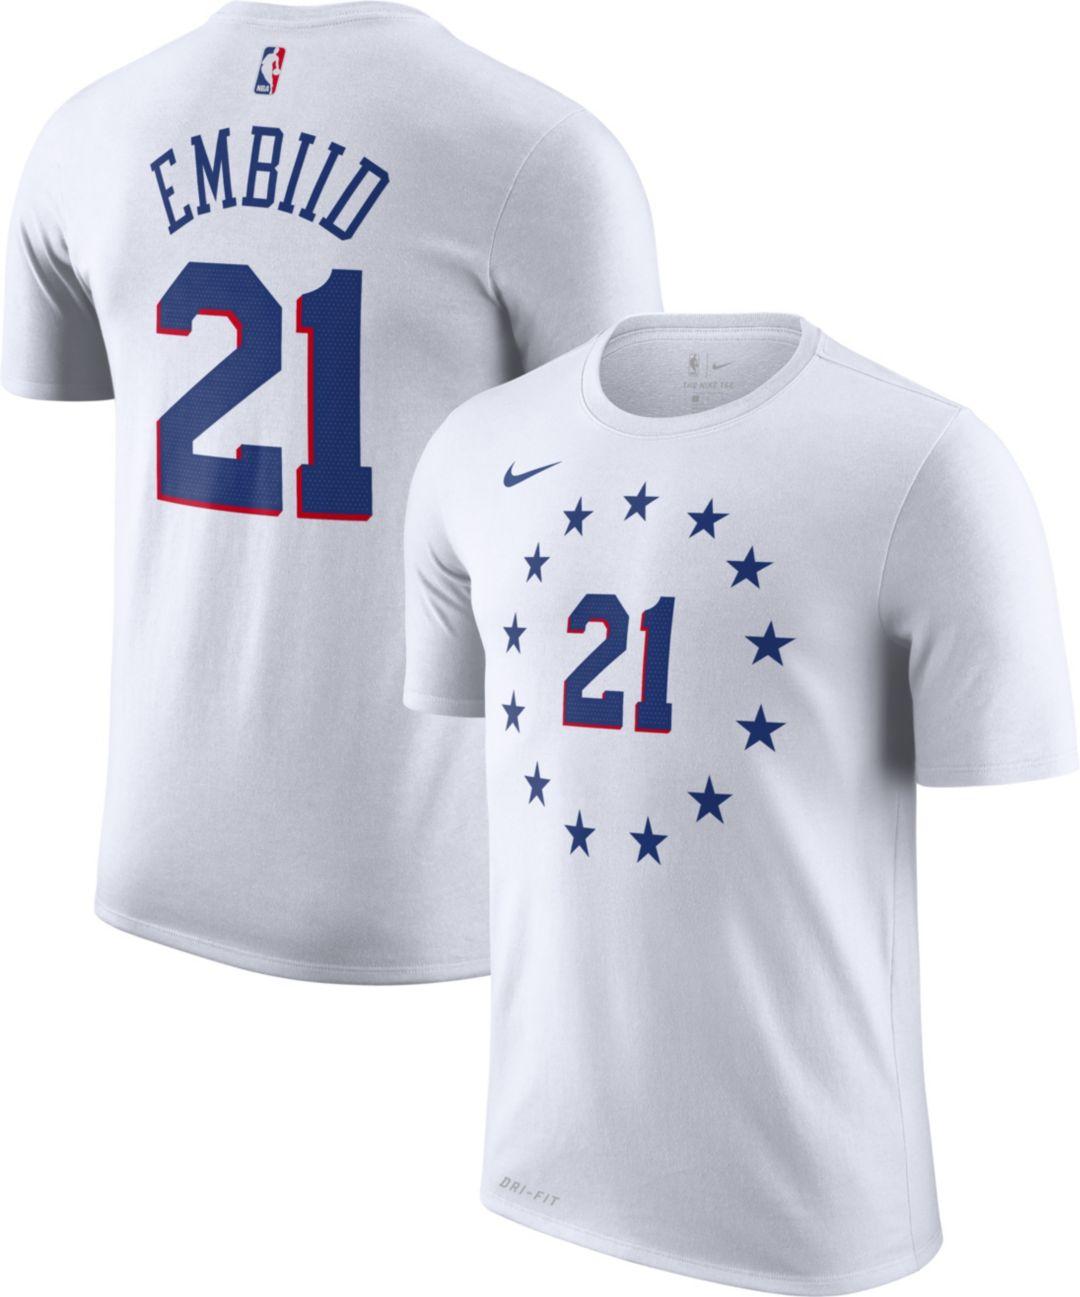 new concept 4e7bc 1785e Nike Men's Philadelphia 76ers Joel Embiid Dri-FIT Earned Edition T-Shirt